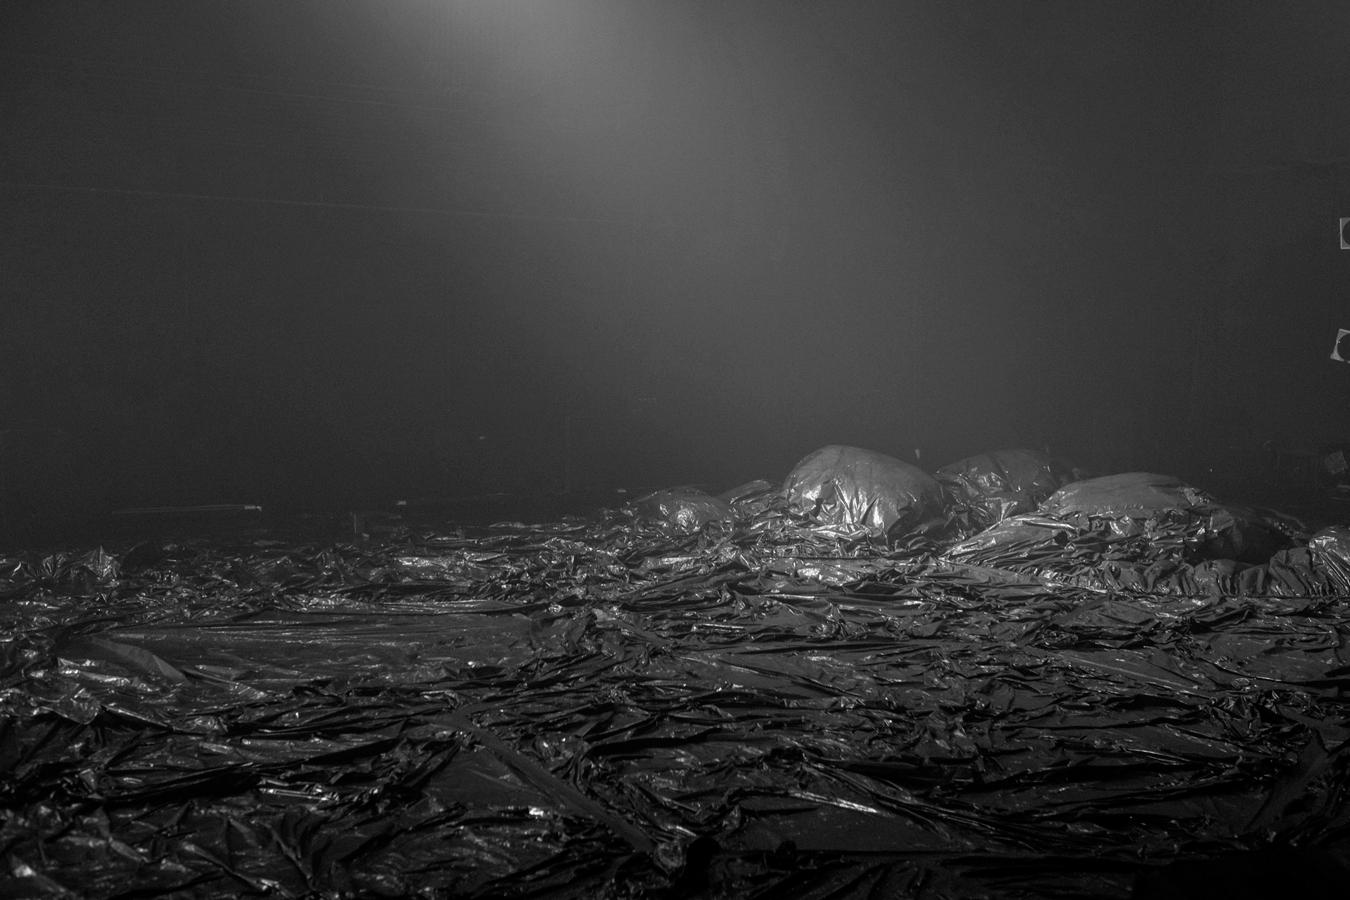 Huei-Ming Chang & Chi-Yu Liao / 1.5 Billion Light-years Away